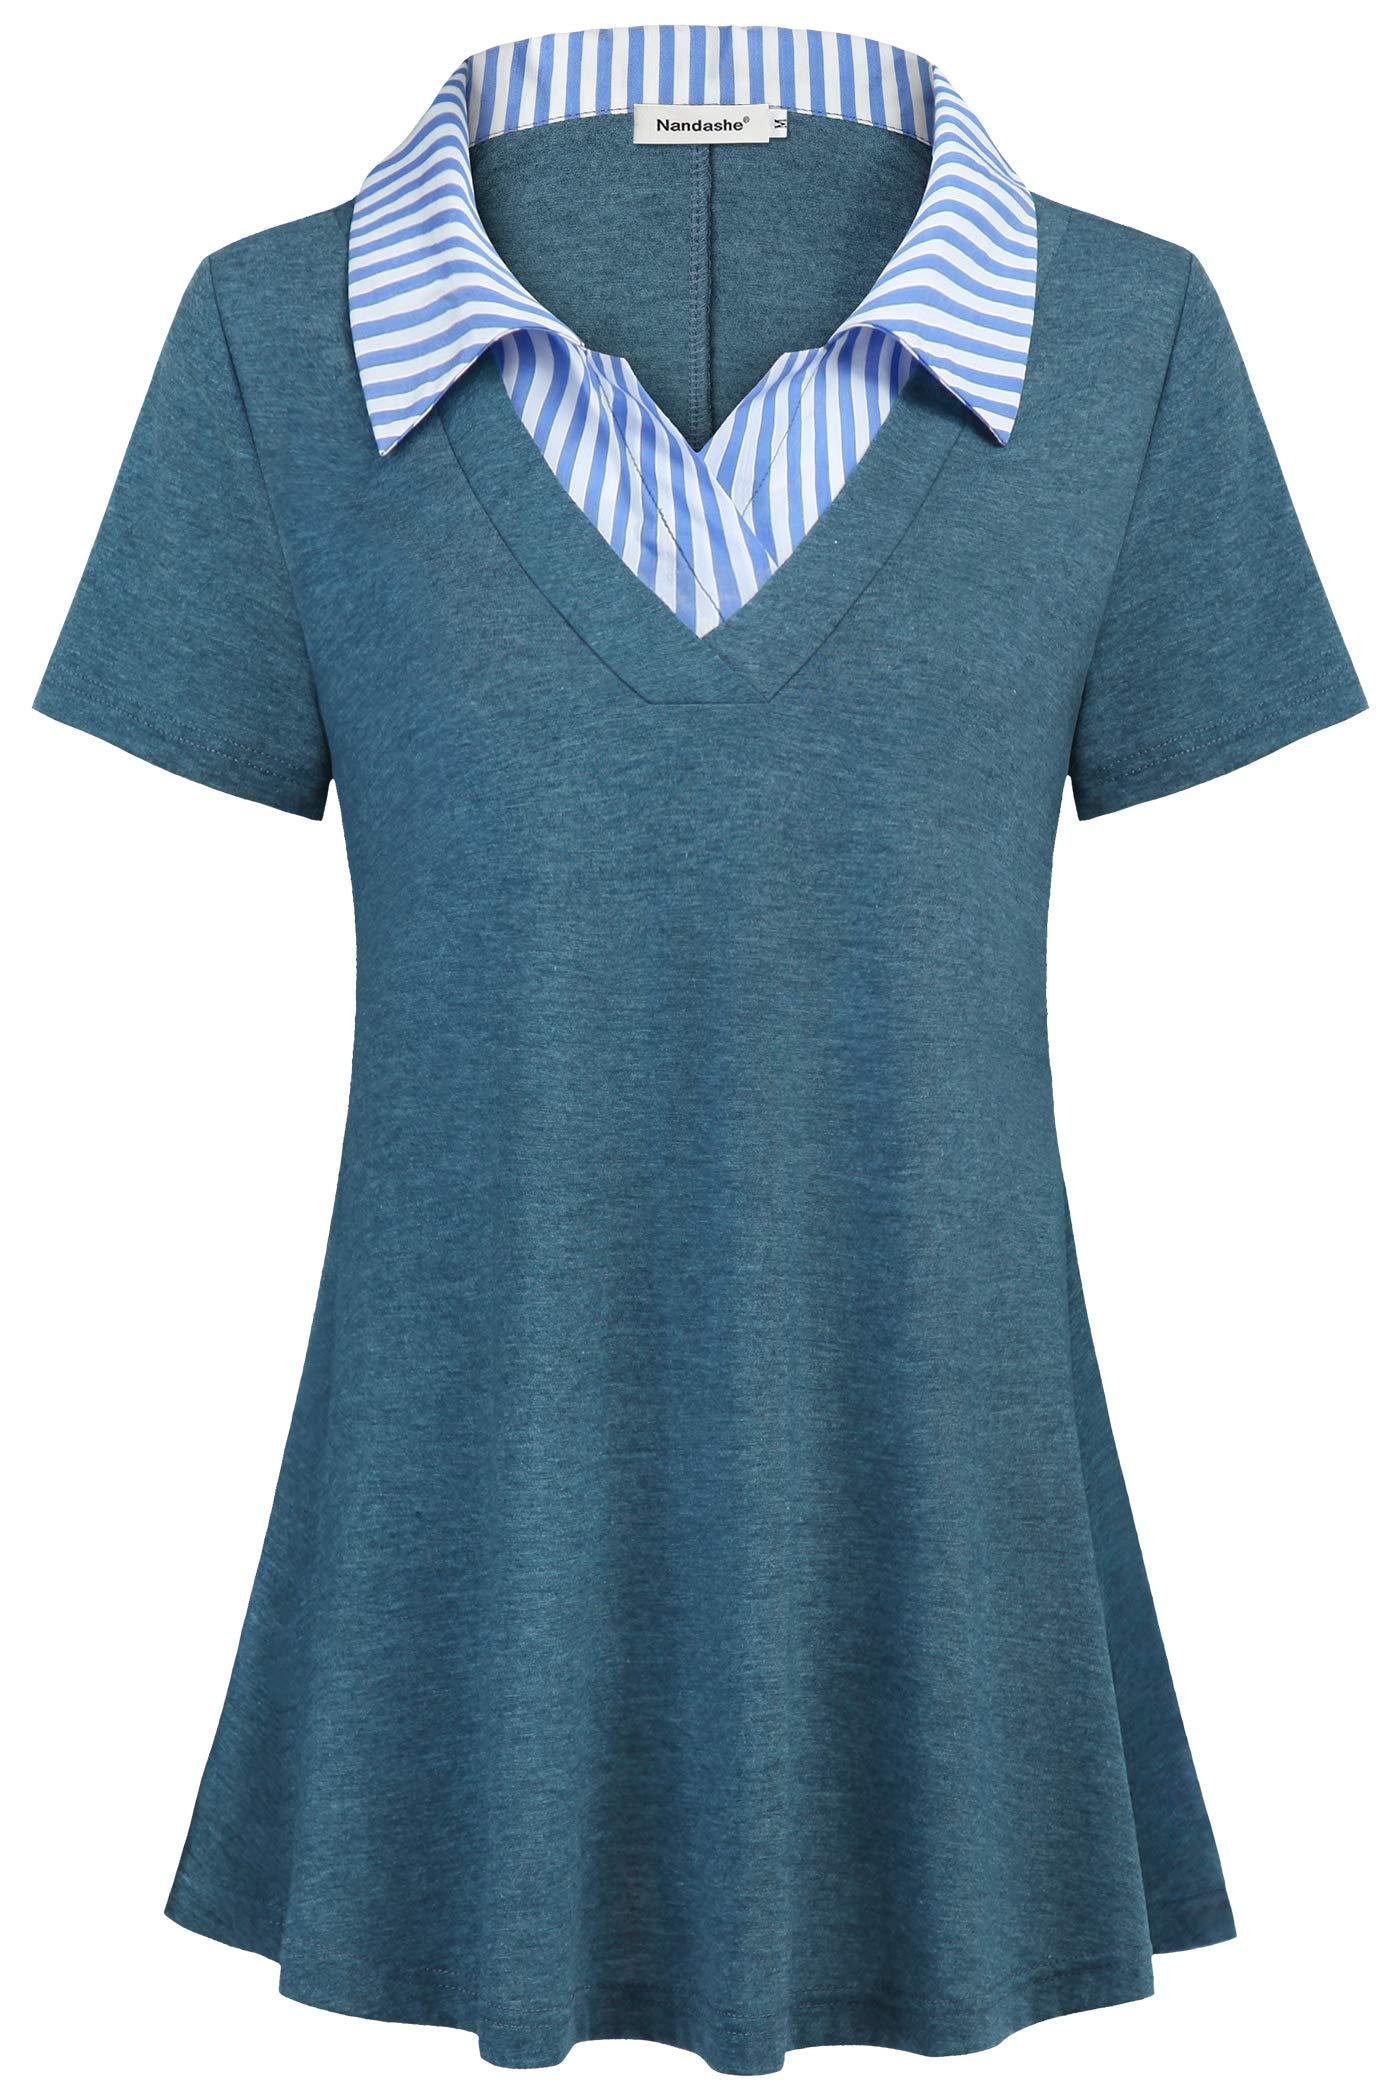 Nandashe Women's Short Sleeve Contrast Collar Shirt V Neck Blouses Office Tunics